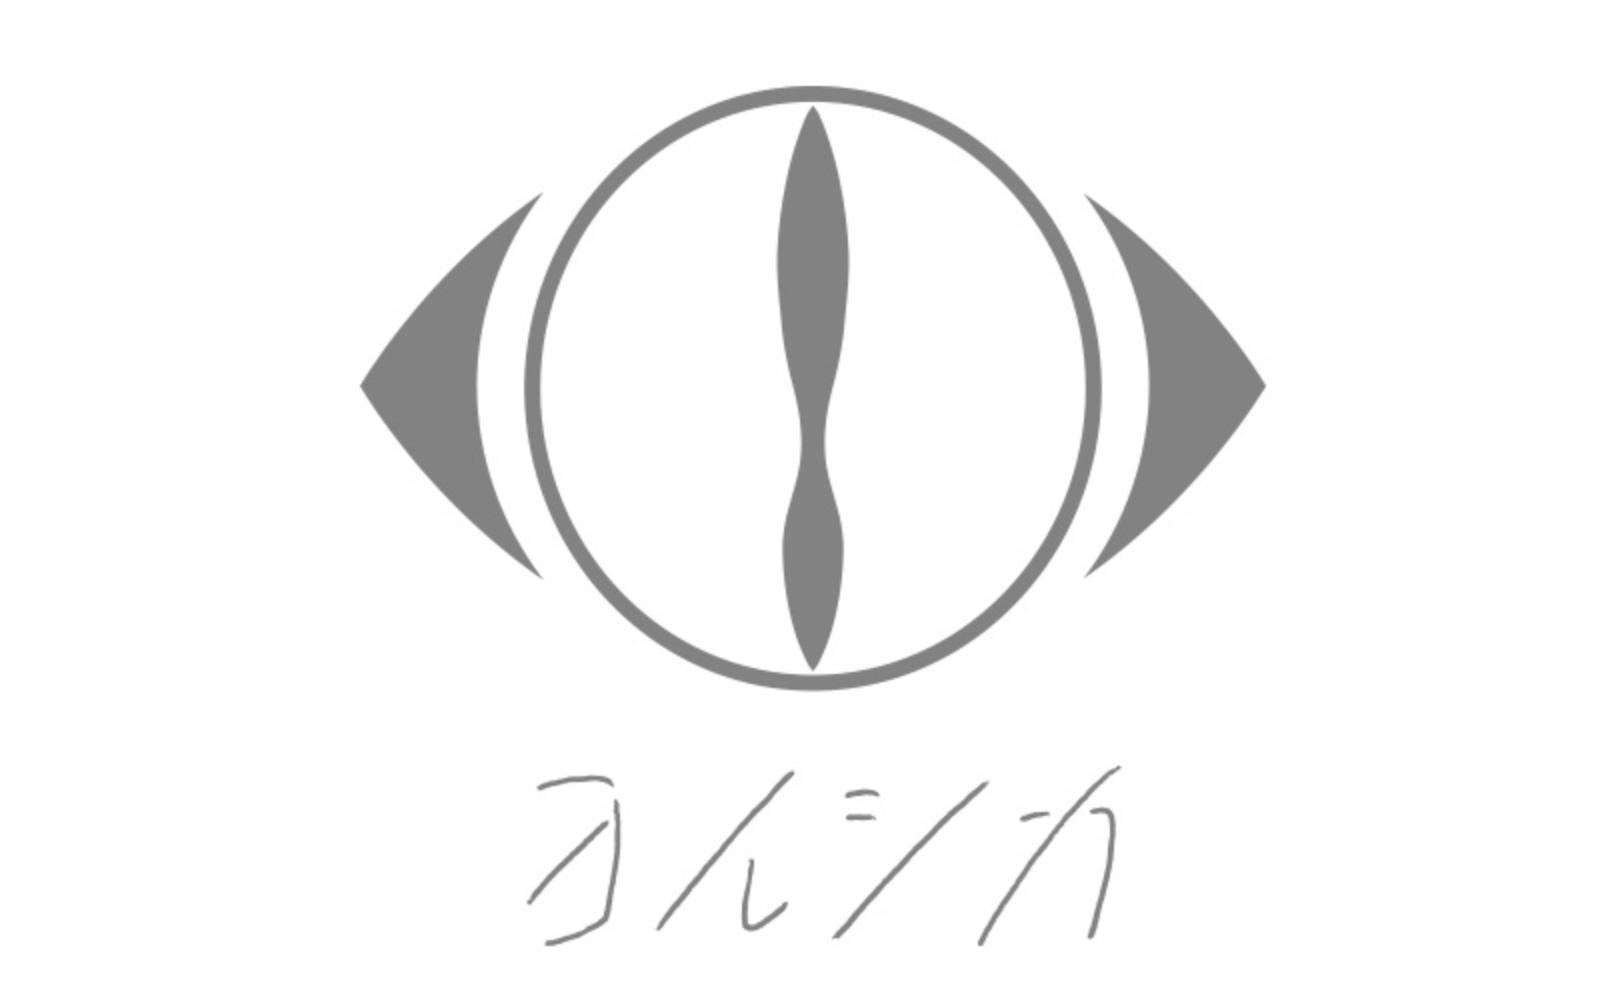 ヨルシカ ( Yorushika )與 新海誠 合作 大成建設廣告新曲出爐